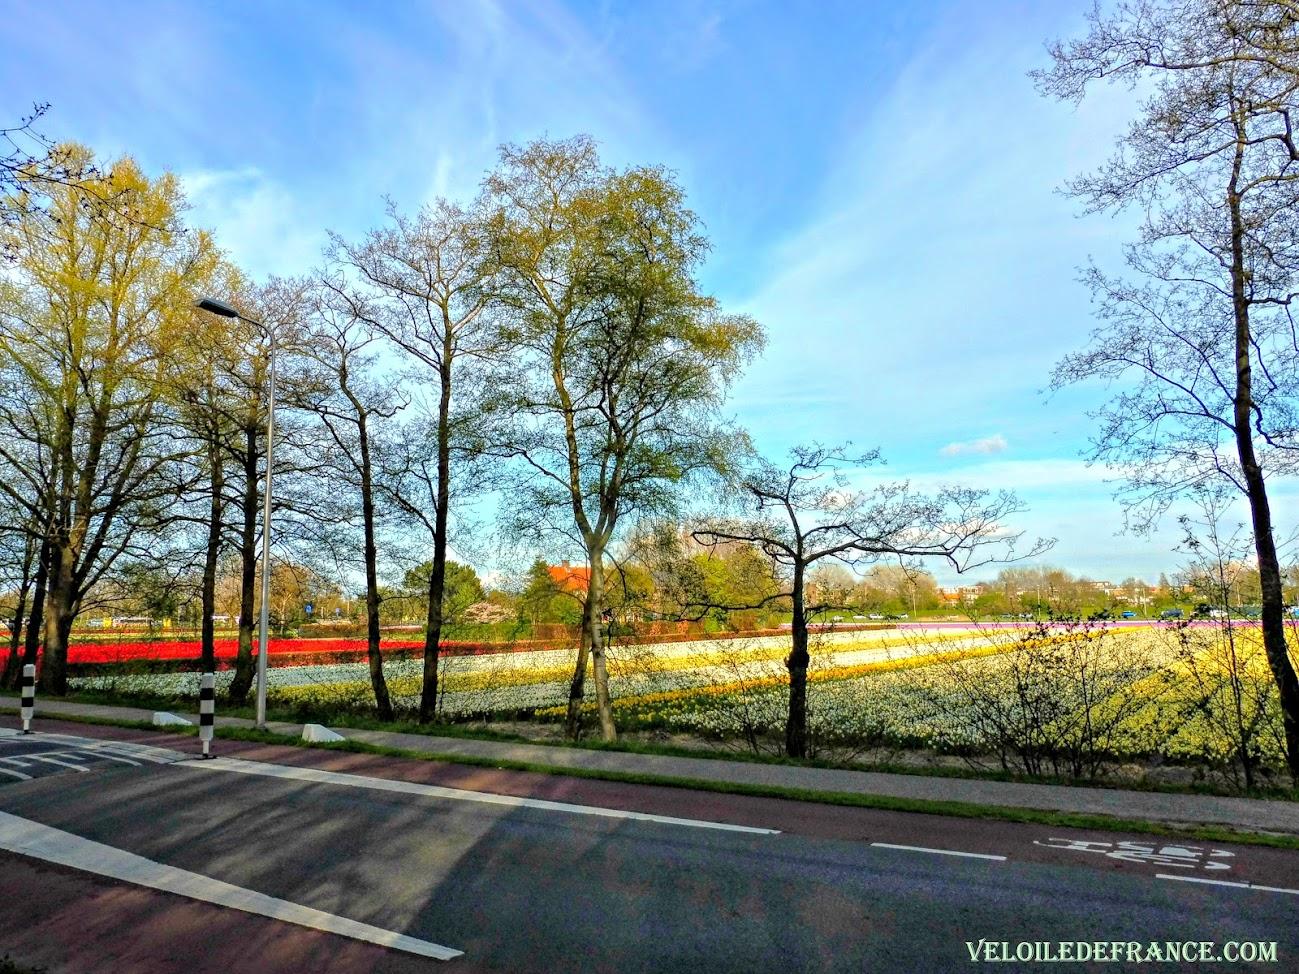 Circuit à vélo de Leiden à Keukenhof par veloiledefrance.com